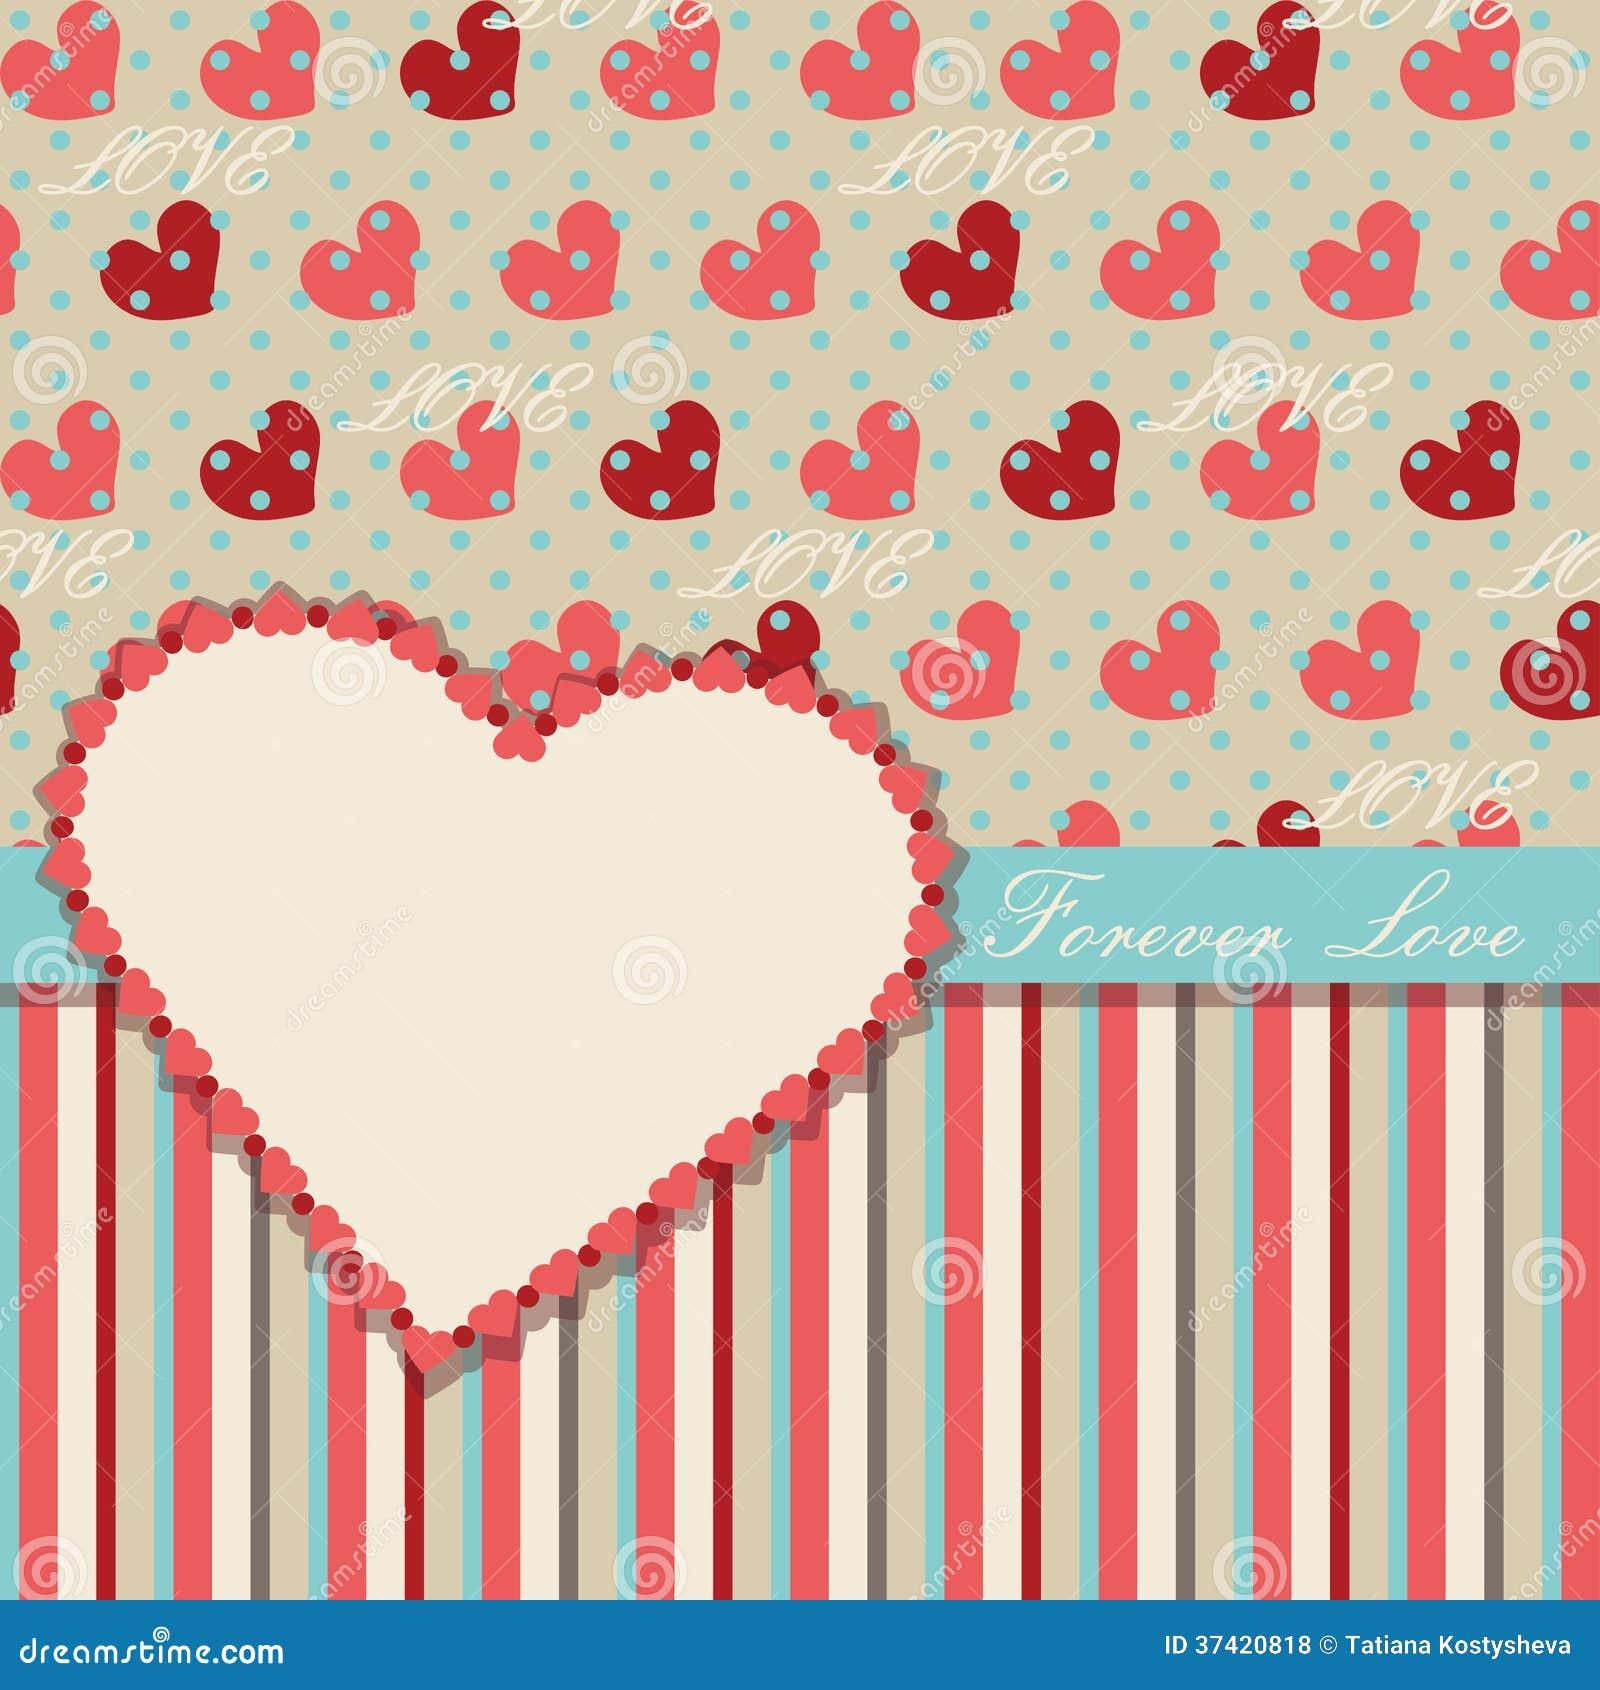 Vintage Valentine Heart Outline